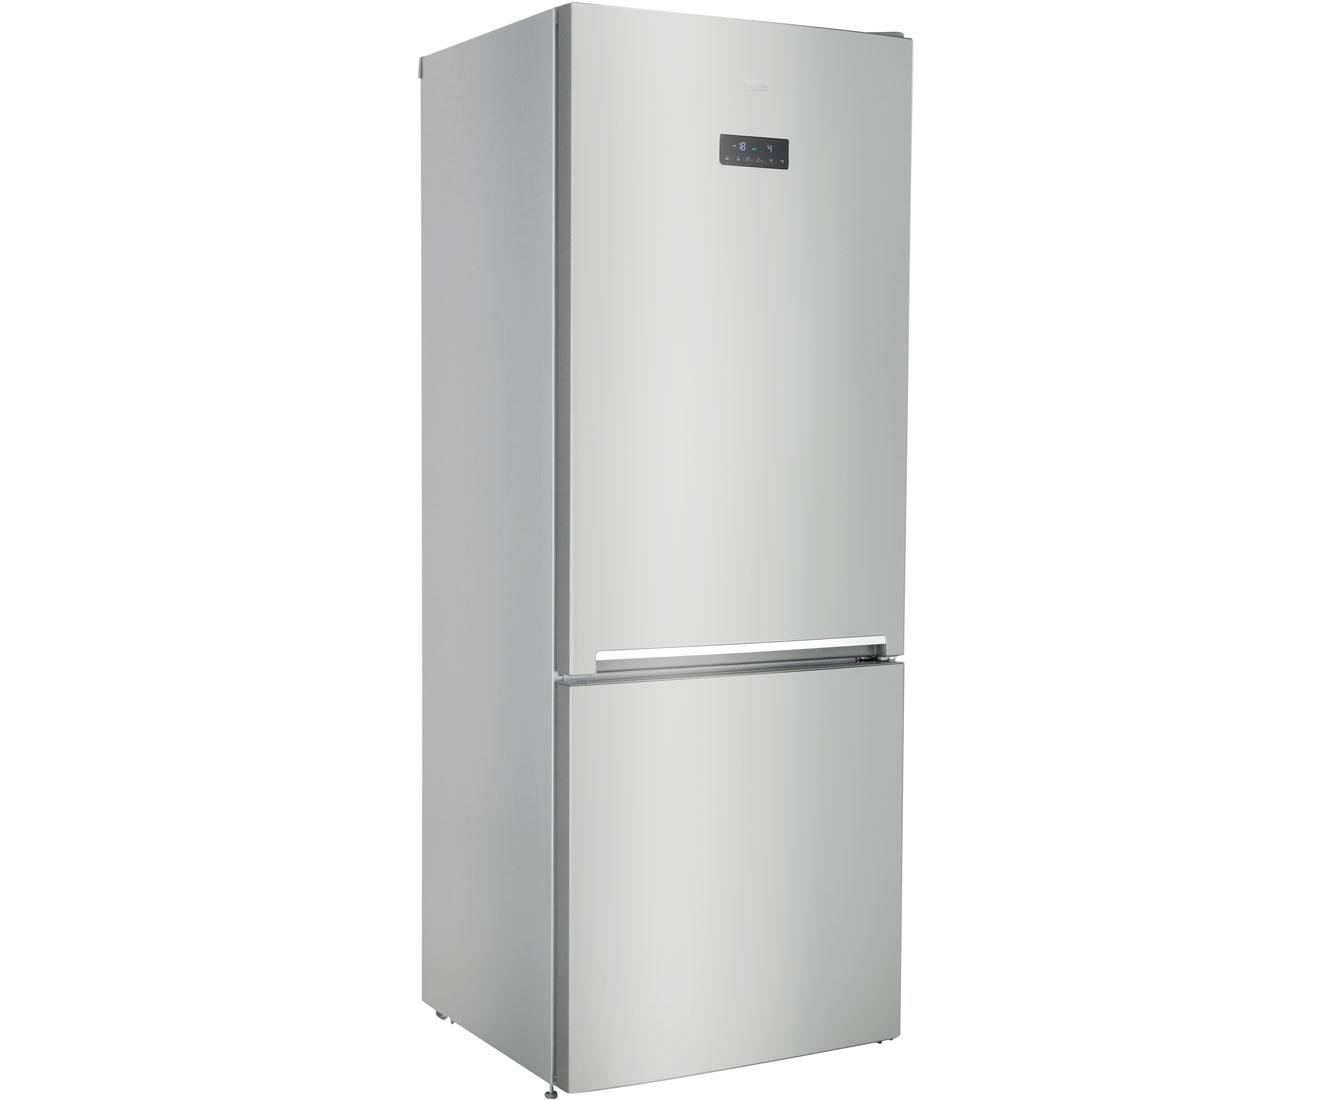 Smeg Kühlschrank Immer Vereist : Kühl gefrierkombination no frost preisvergleich u2022 die besten